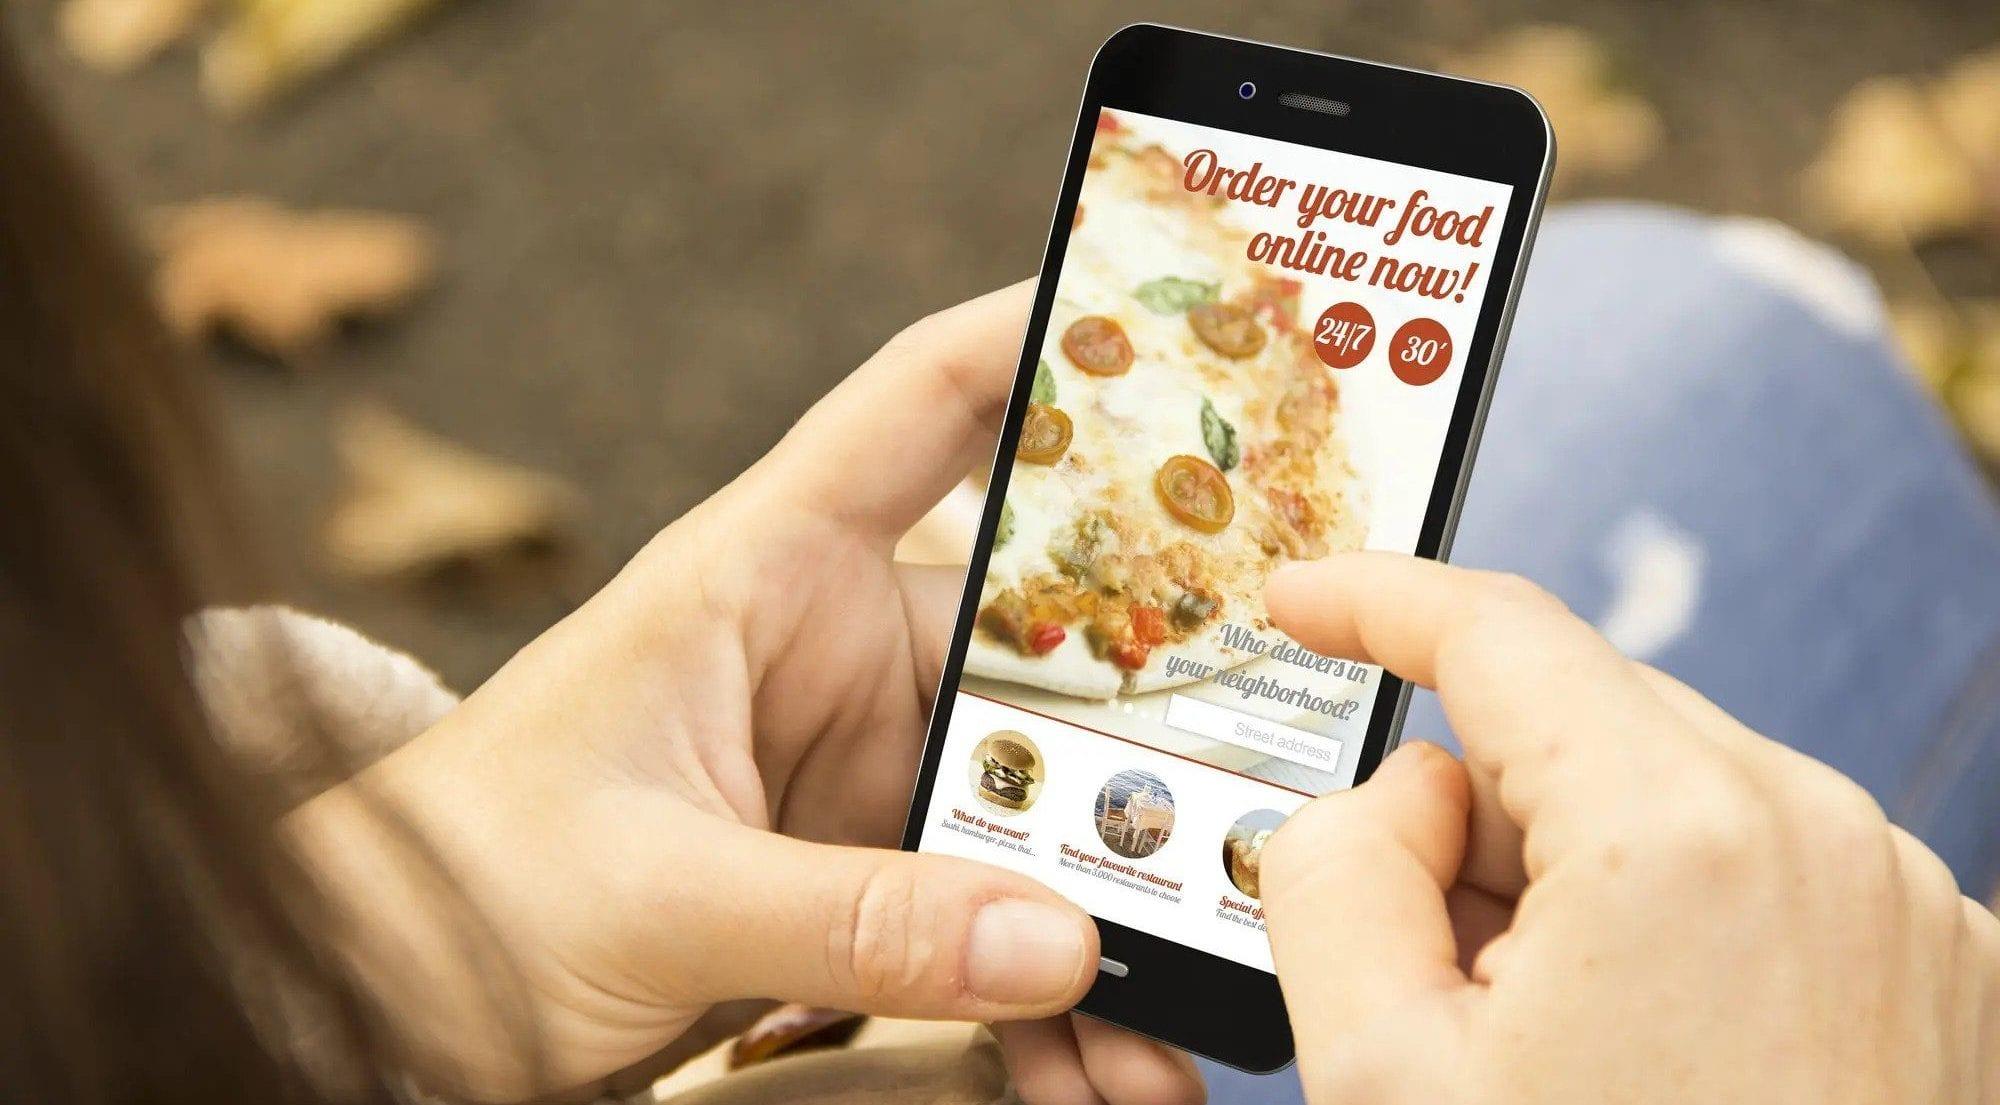 5 BENEFITS OF ORDERING FOOD ONLINE